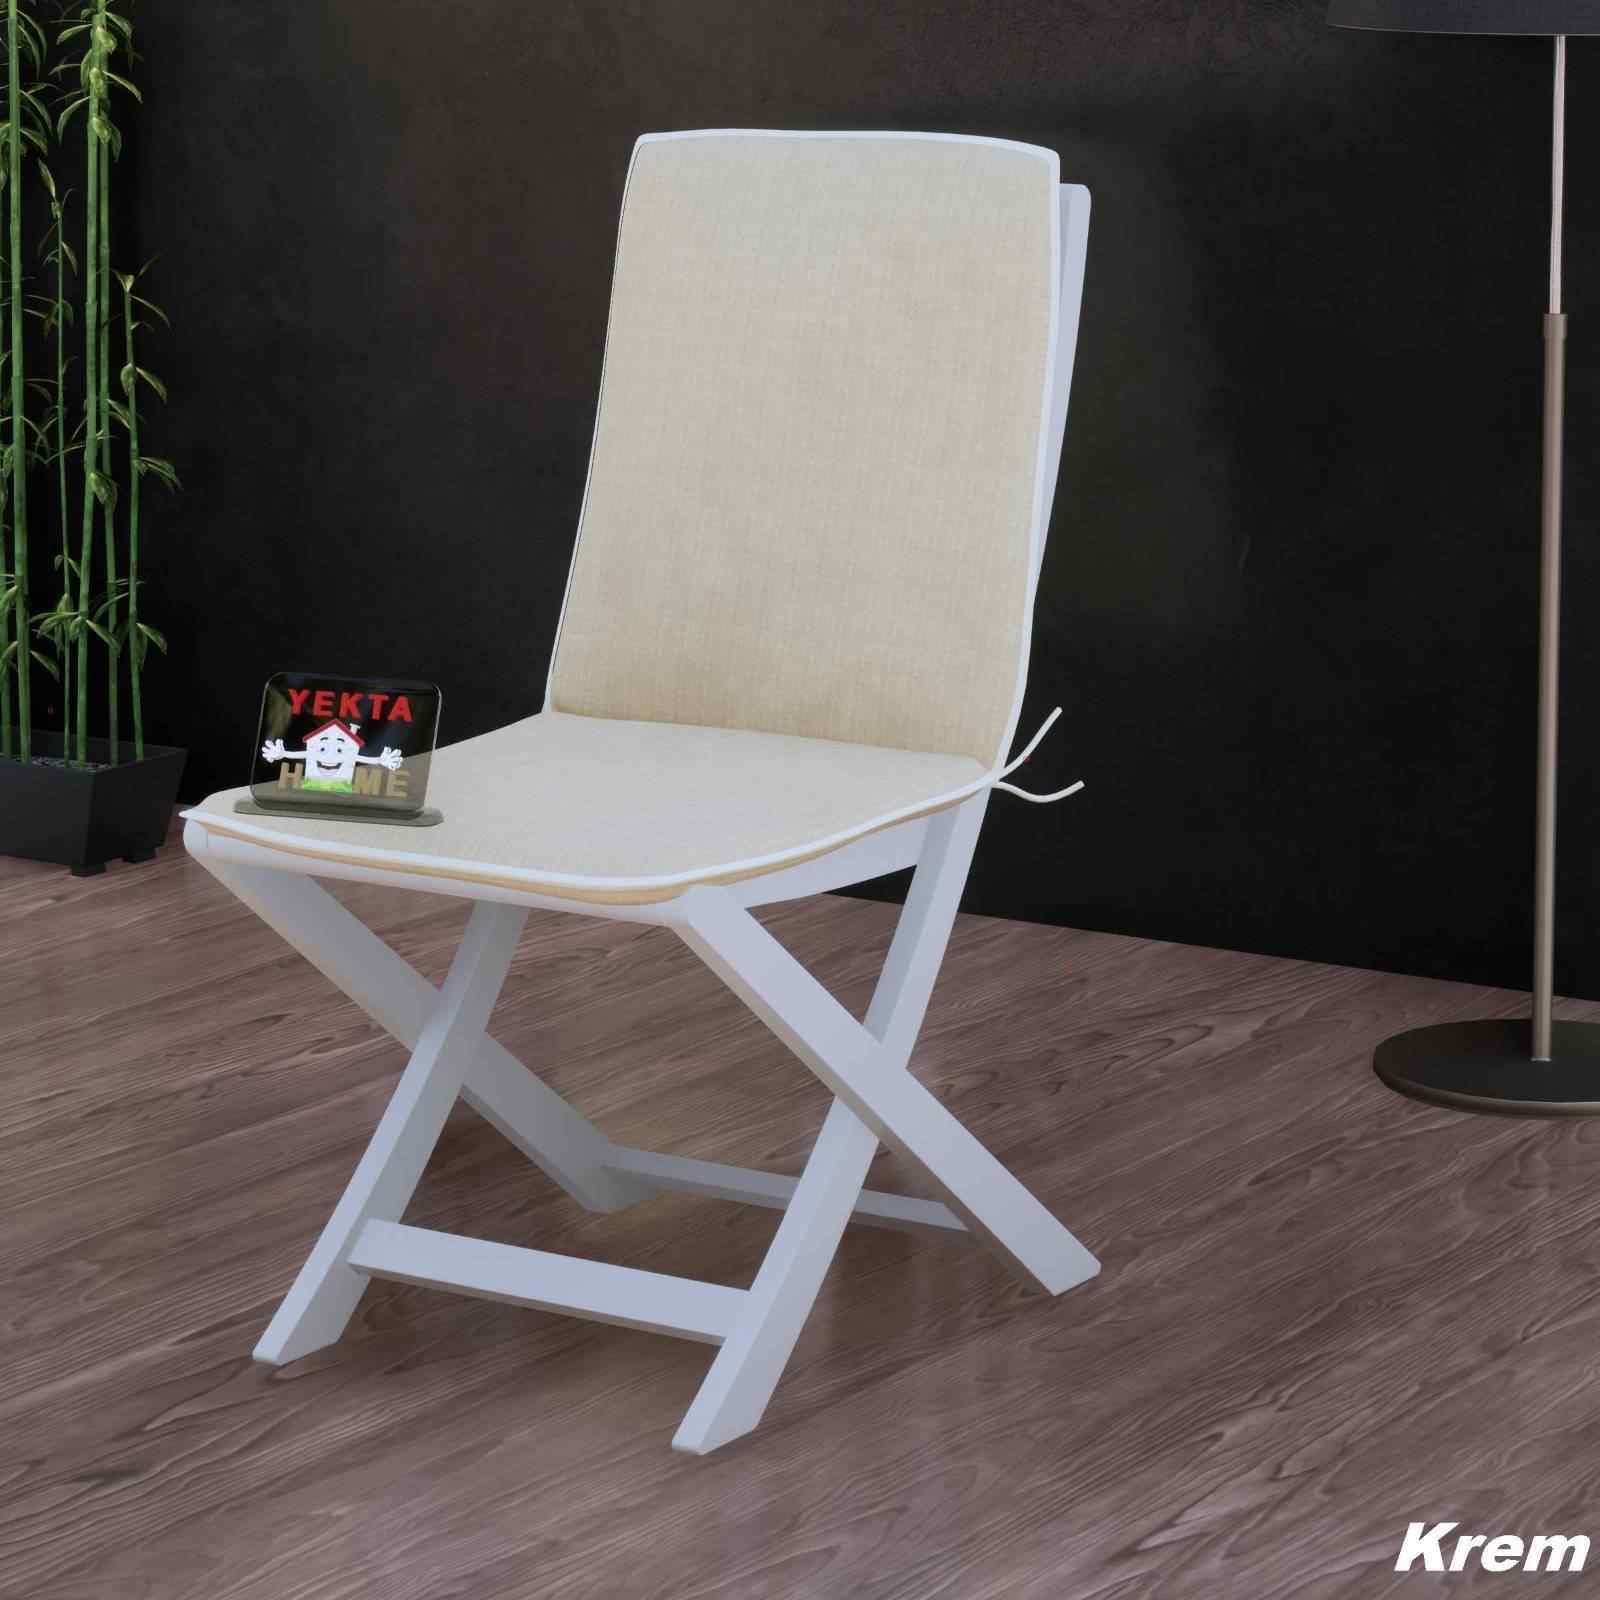 Sırtlı Sandalye Minderi - Arkalıklı Rattan Koltuk Minderi 6 Adet Krem